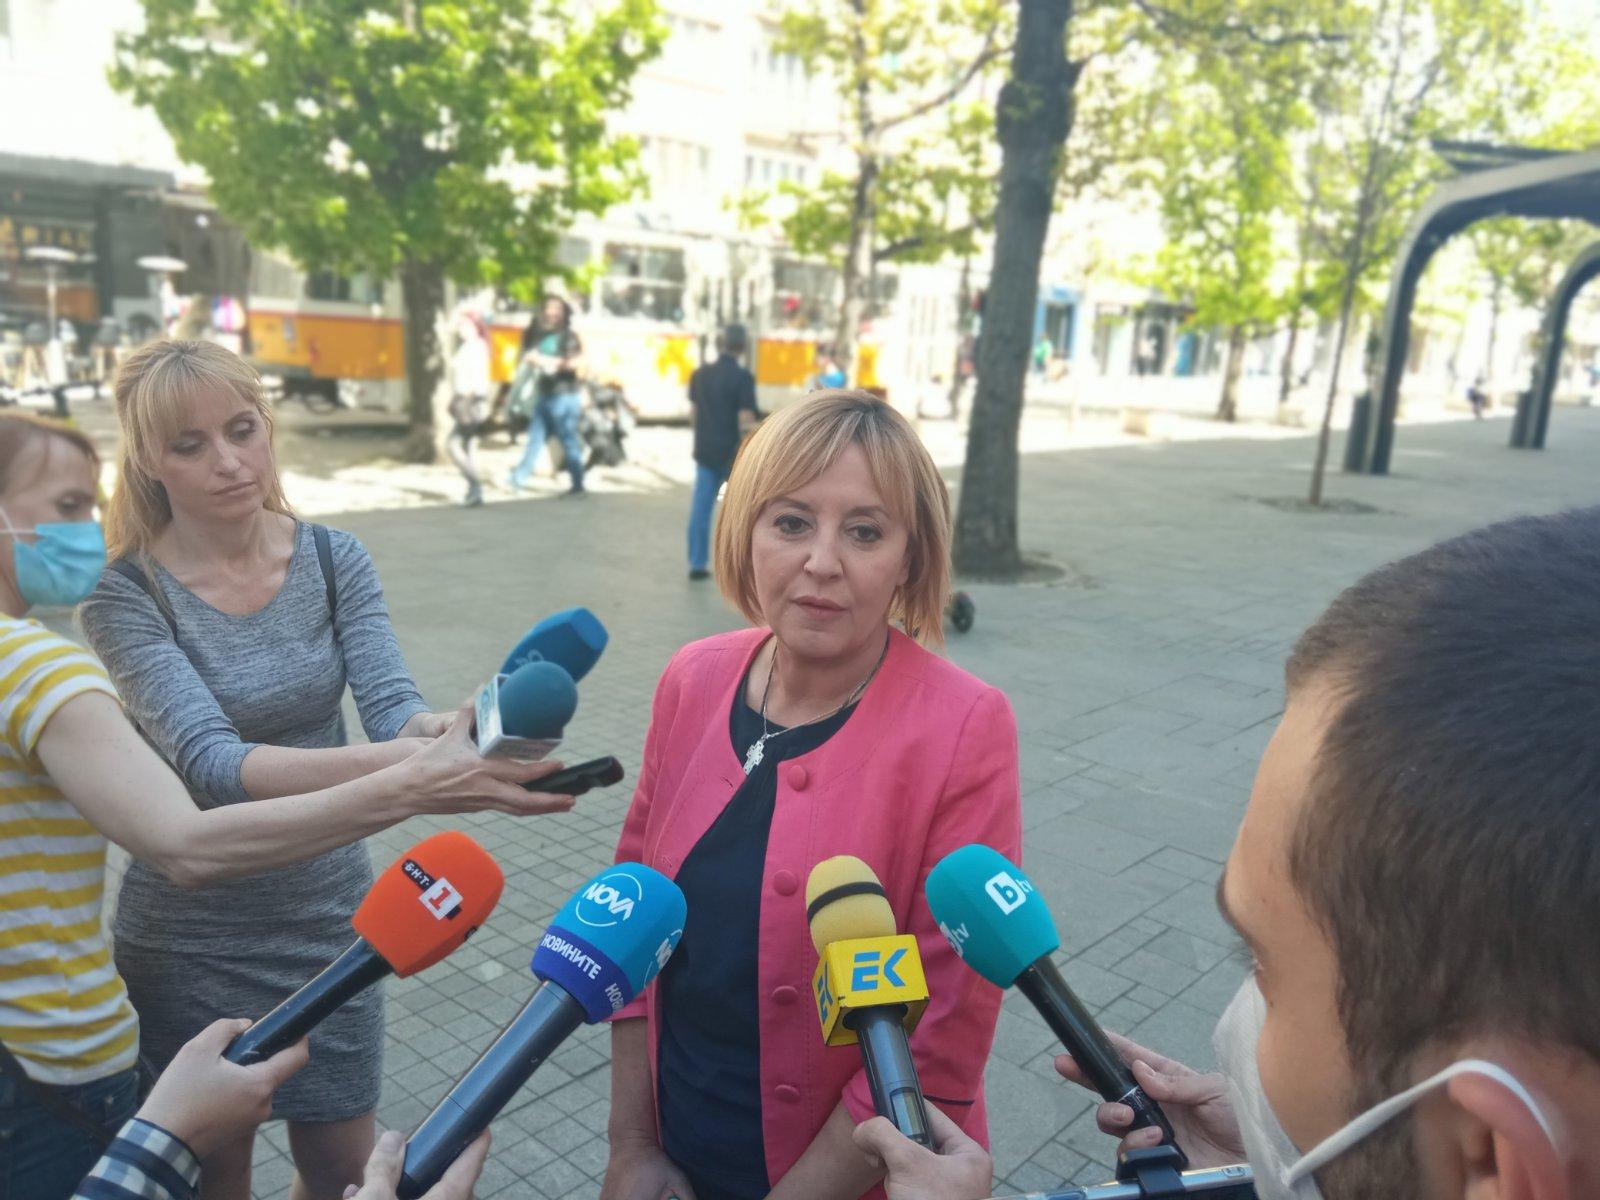 Манолова за служебния кабинет: Оценката ще е според степента на ангажираност към сигналите в Комисията по ревизия